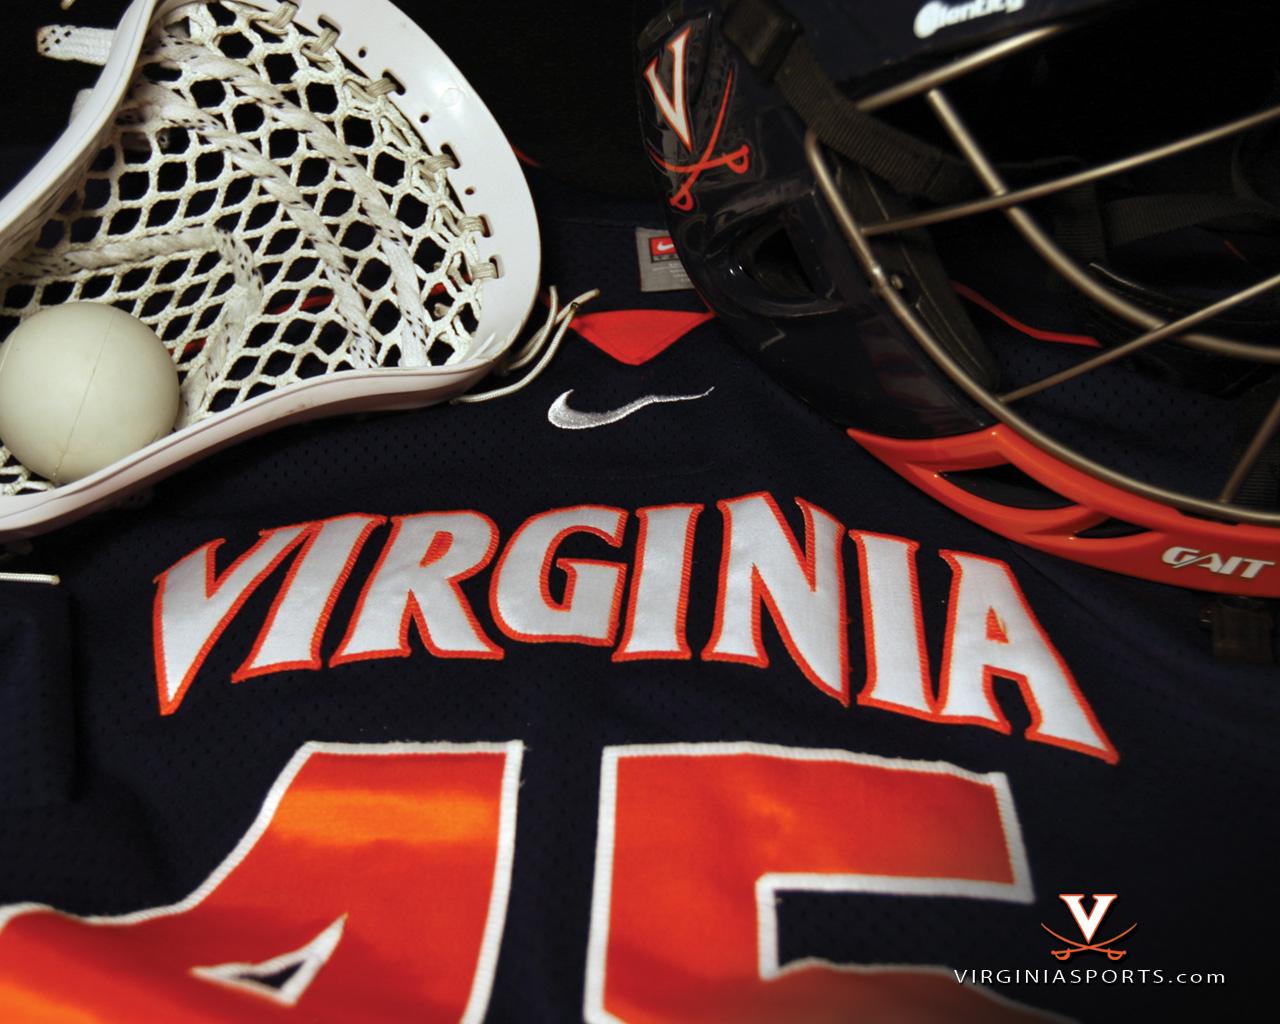 VirginiaSportscom   University of Virginia Official Athletics Website 1280x1024